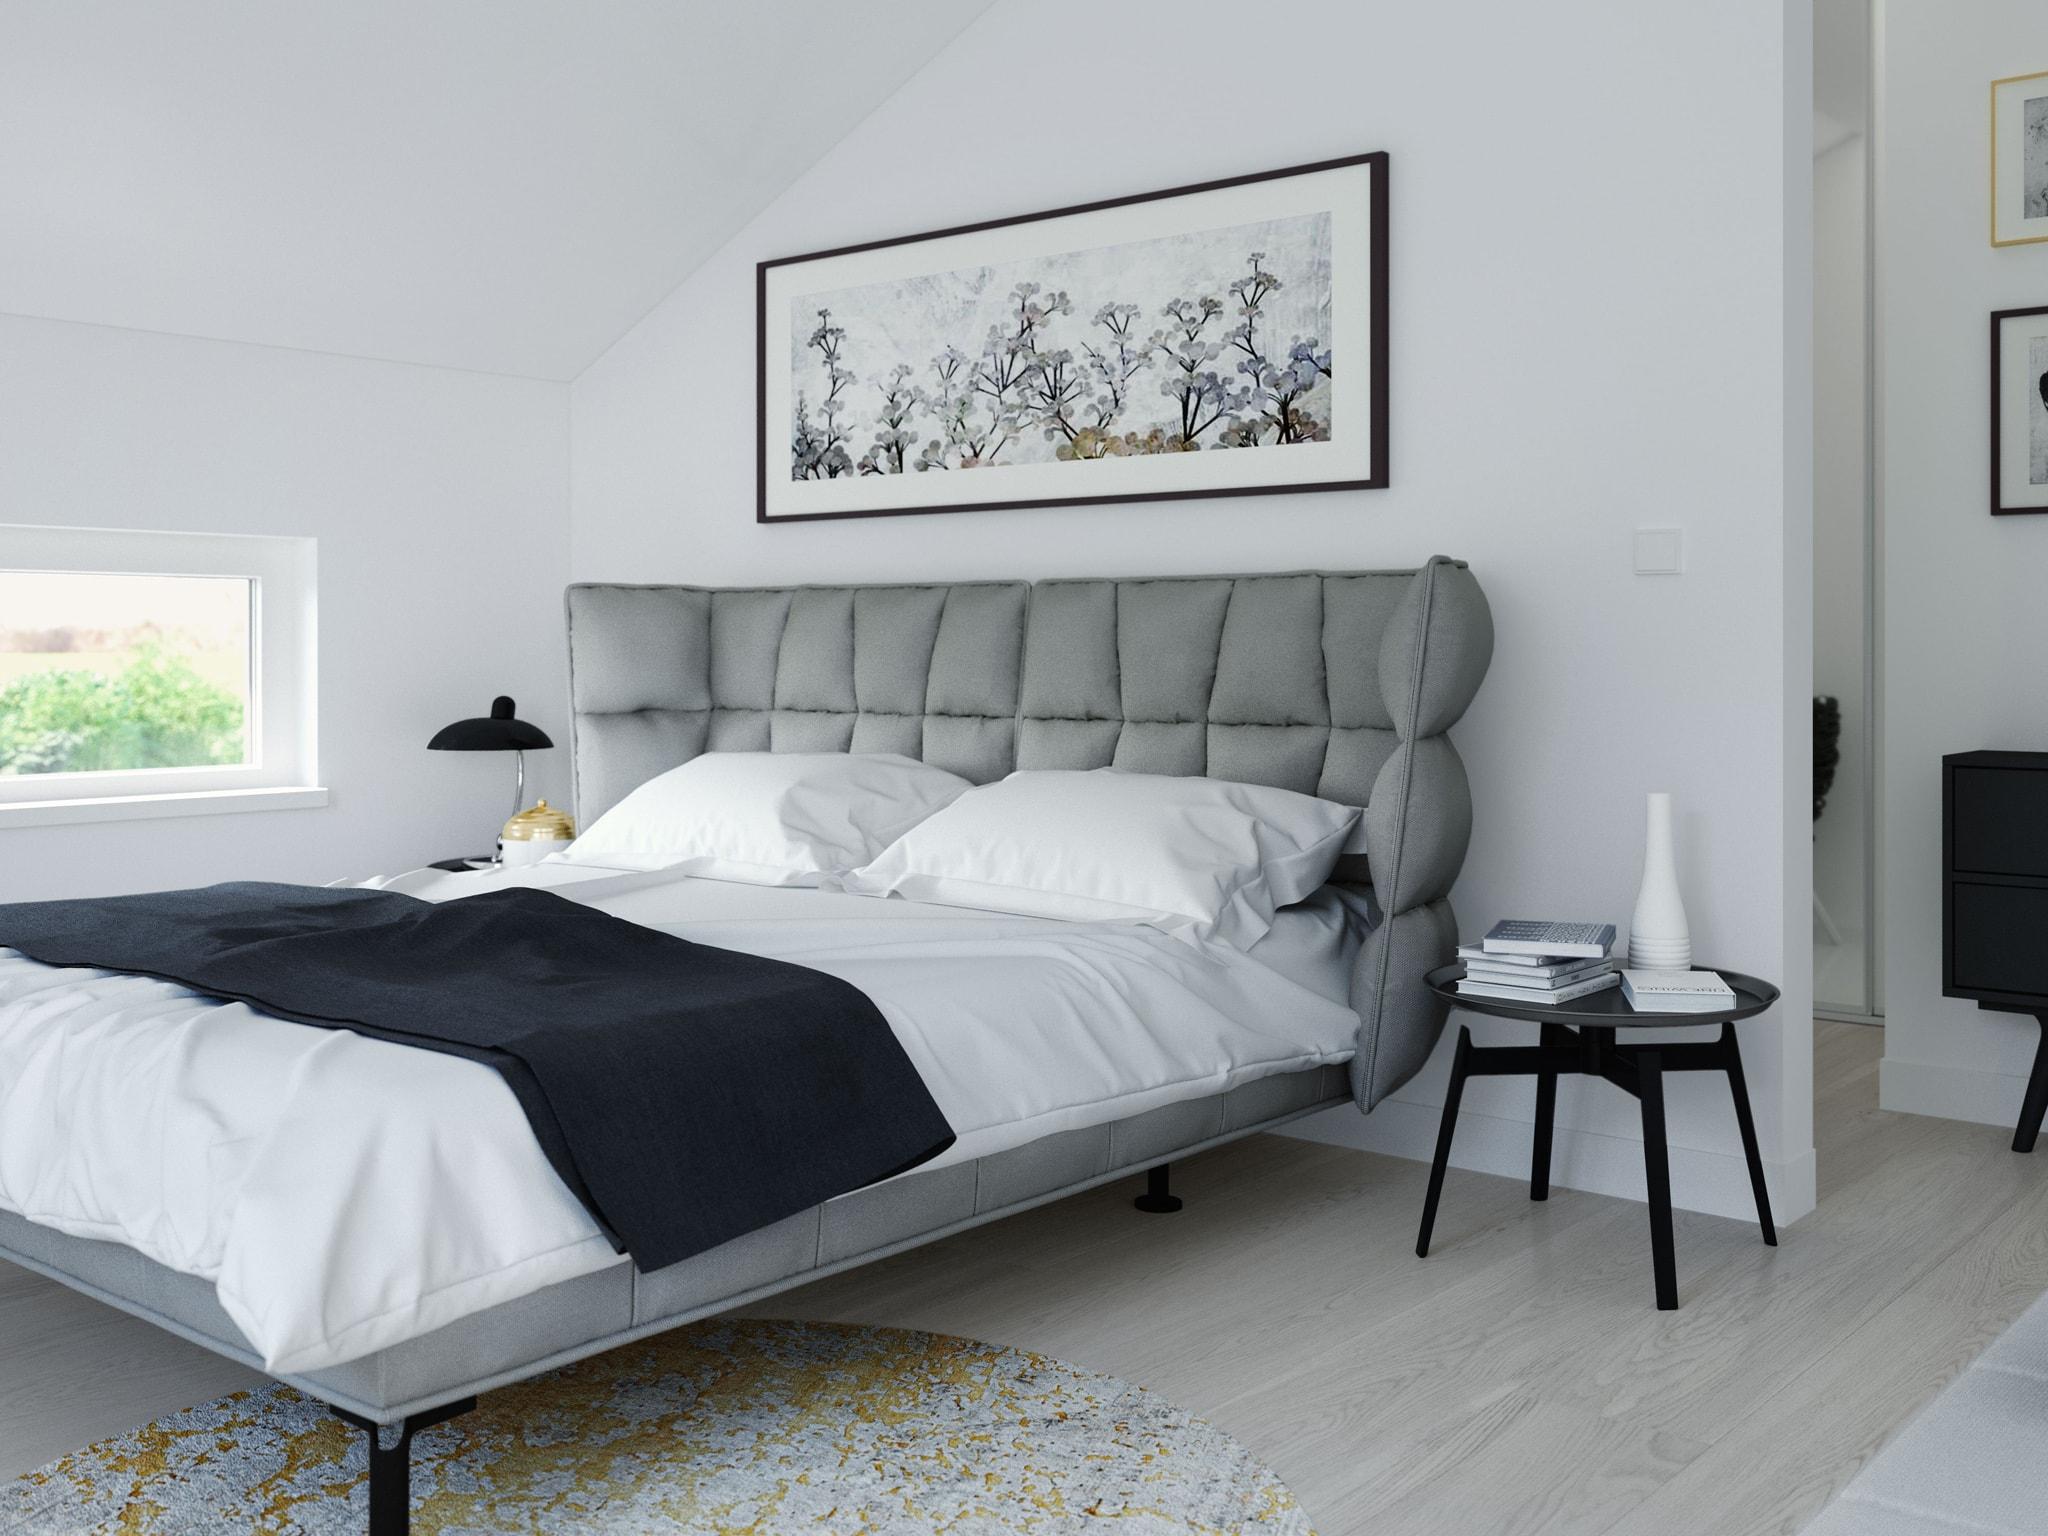 Schlafzimmer - Ideen Inneneinrichtung Einfamilienhaus Living Haus SUNSHINE 144 V4 - HausbauDirekt.de